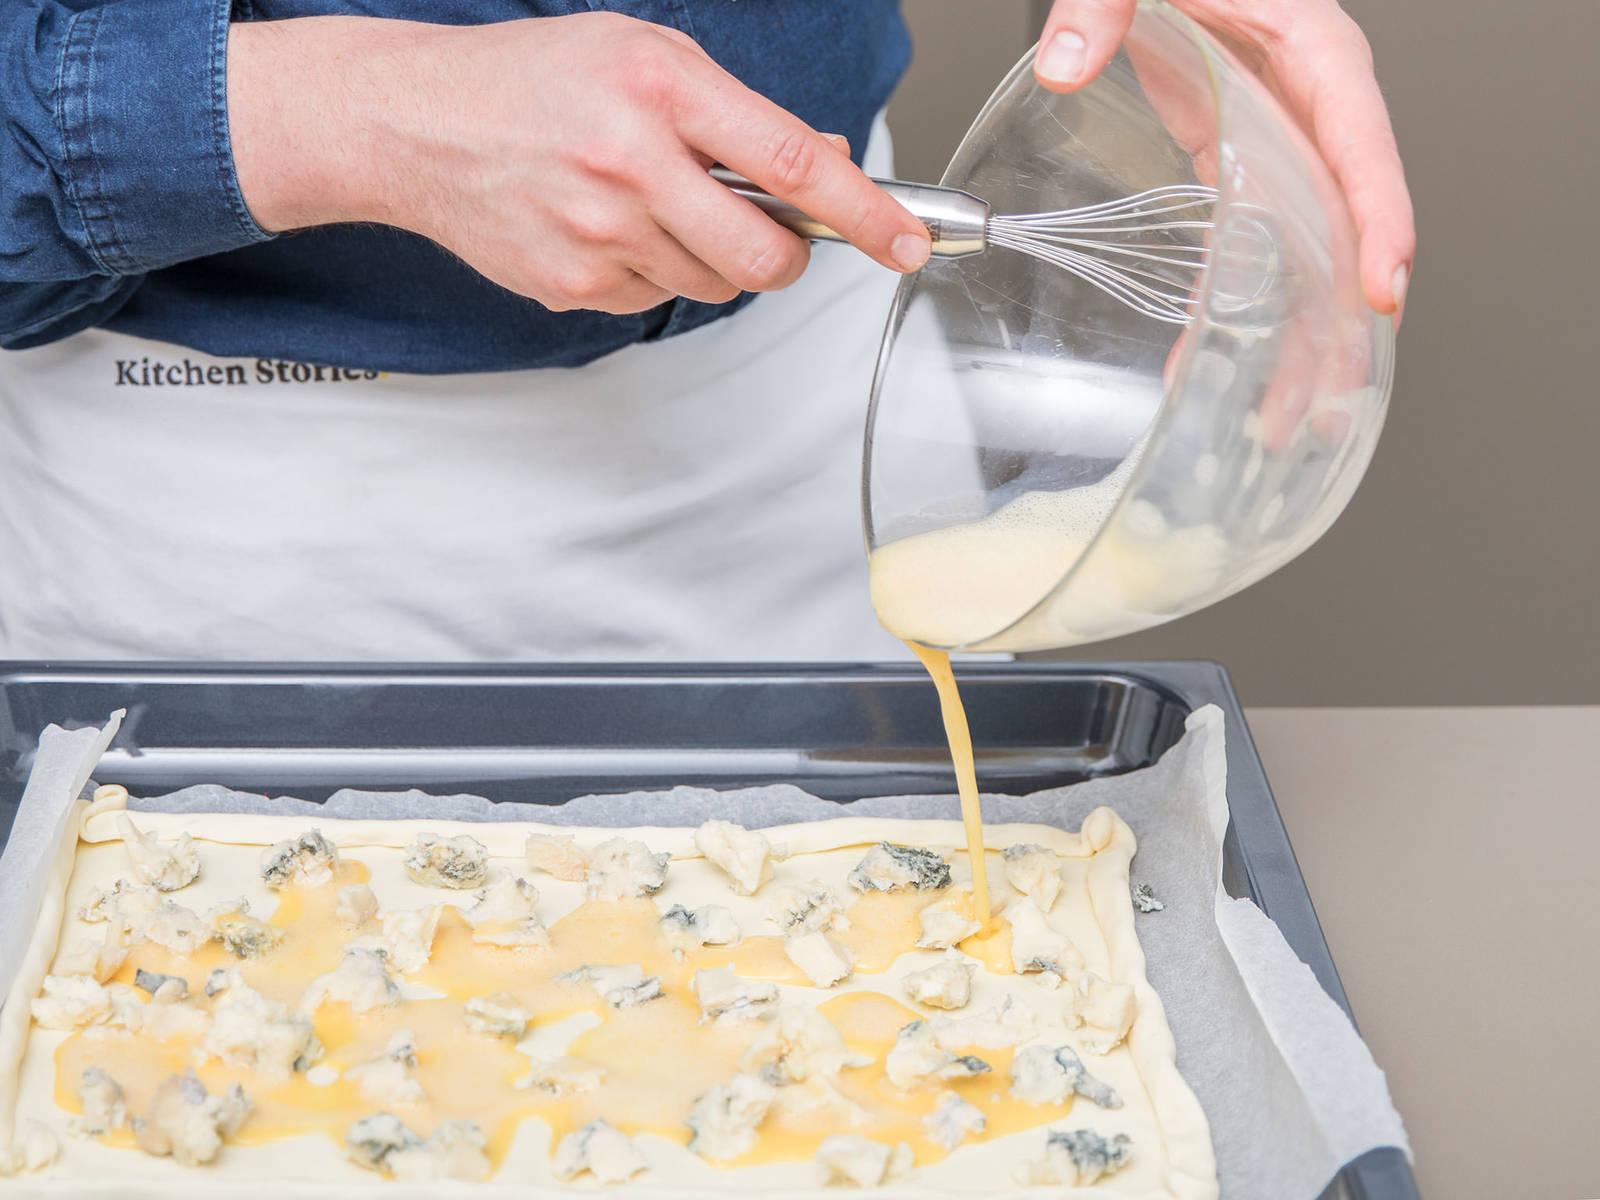 Backofen auf 180°C vorheizen. Blätterteig mit Backpapier auf ein Blech legen (Kanten umschlagen, damit ein Rand entsteht). Eine dünne Schicht Gorgonzolakäse darauf verteilen. Die Eier schlagen und auf die Käseschicht verteilen.